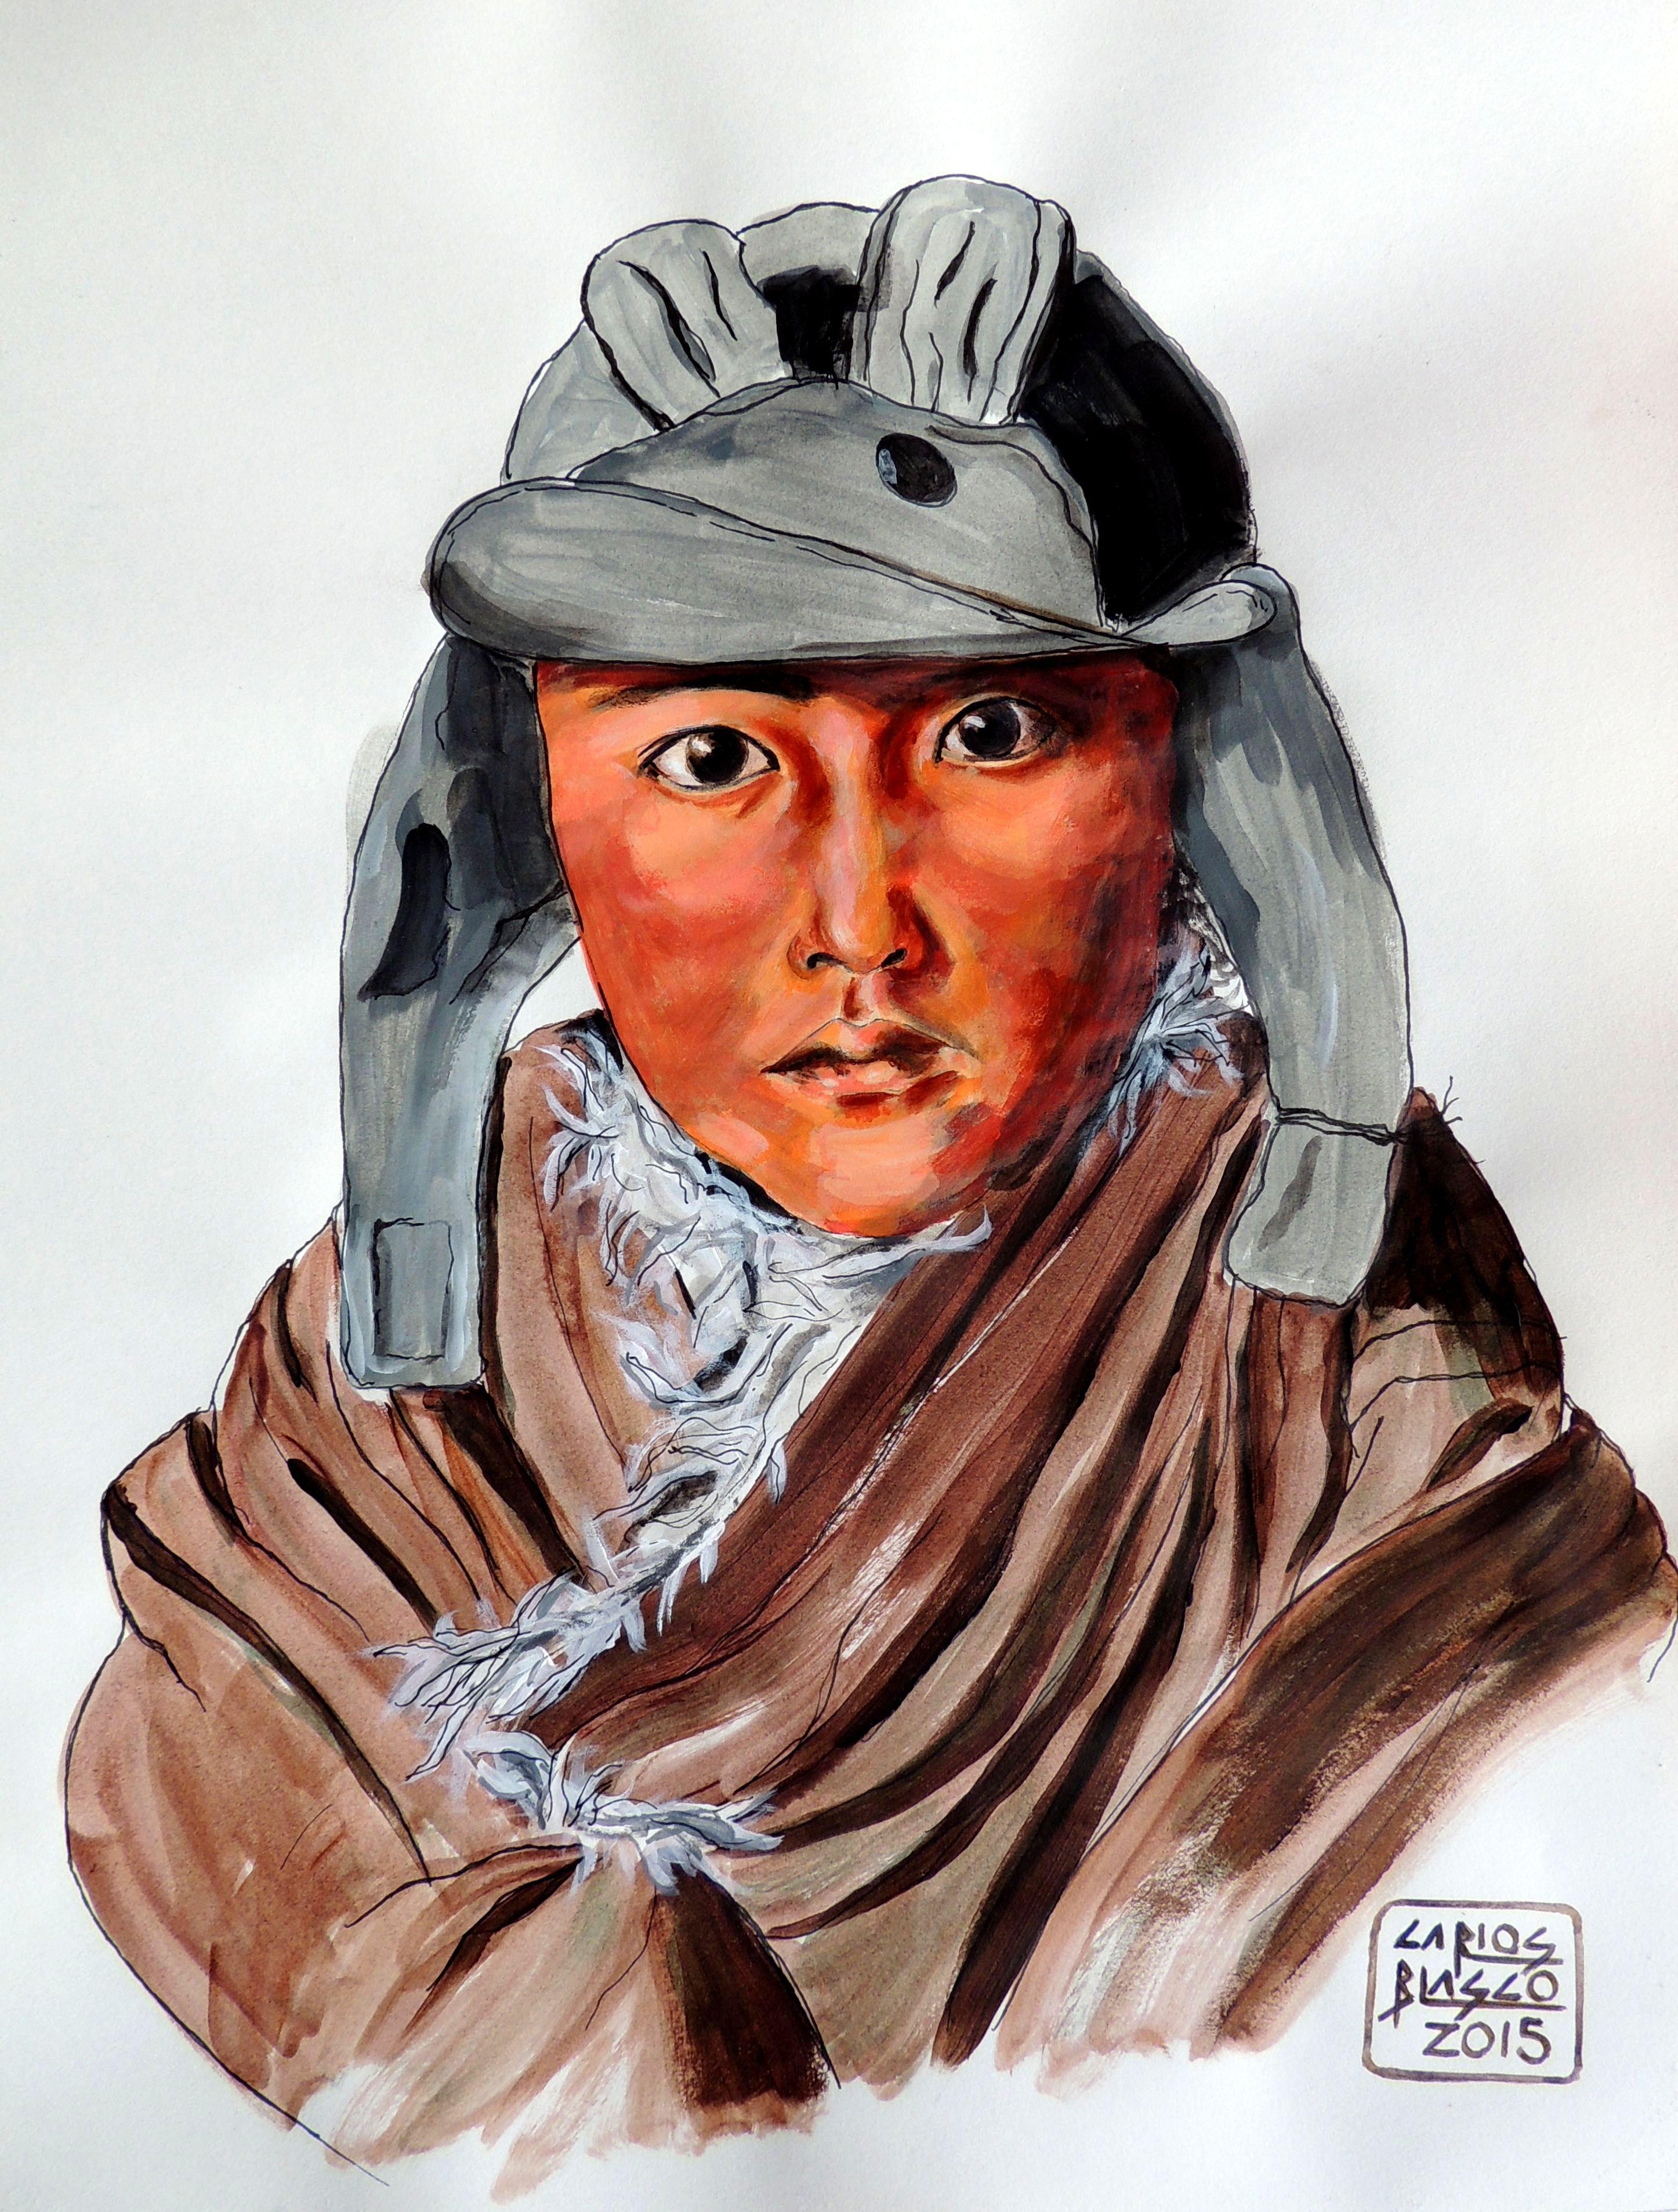 VERSIONANDO A STEVE McCURRY - Niño en Amdo ,Tibet - Acrílico sobre papel - 40x29 cms.